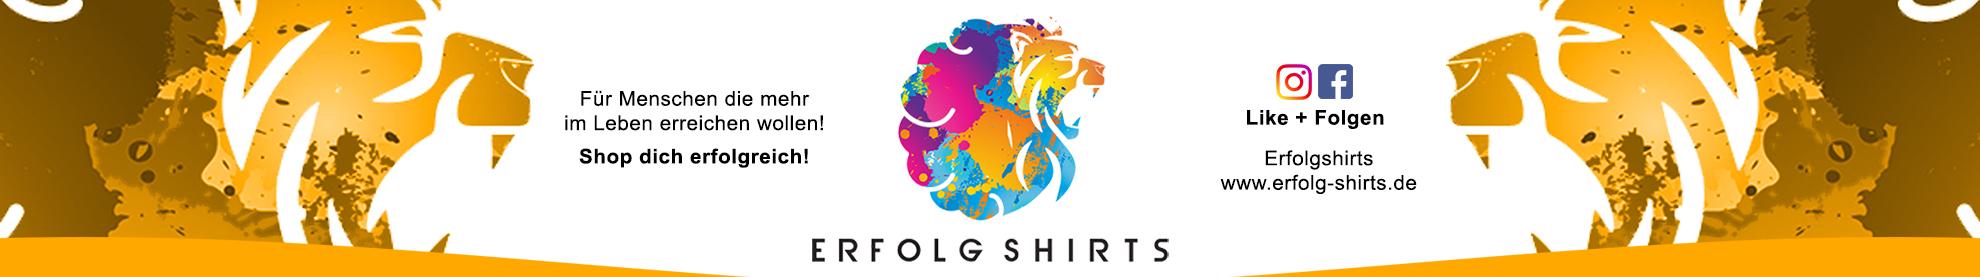 Erfolg-shirts.de Banner